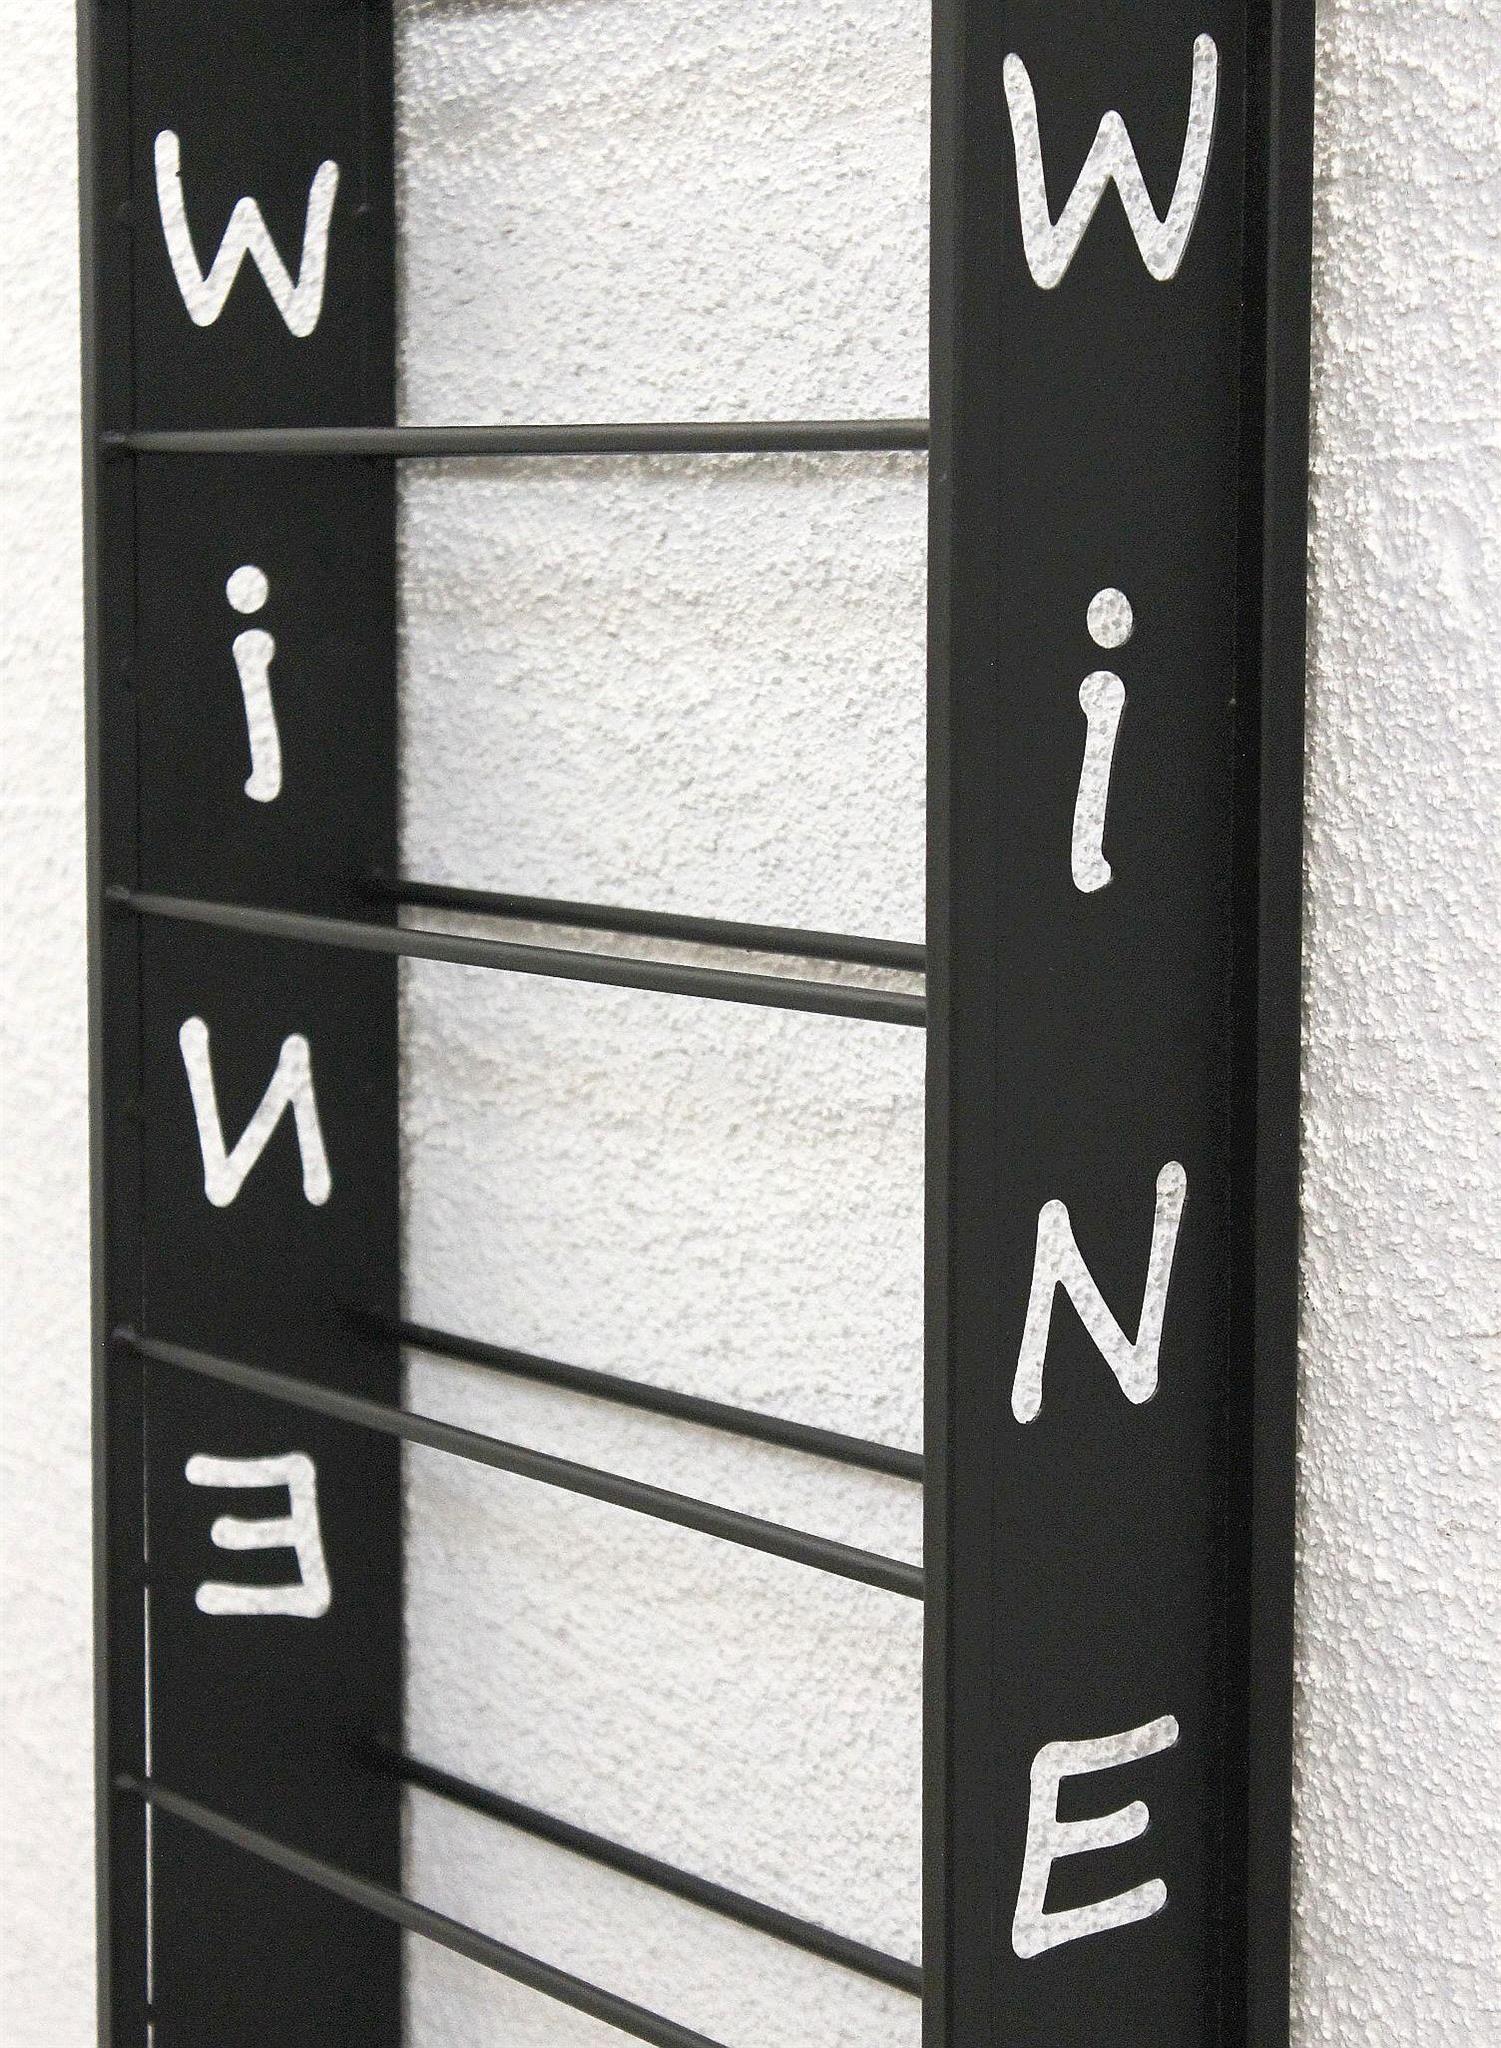 dandibo weinregal wand metall schwarz sofie flaschenst nder flaschenregal flaschenhalter. Black Bedroom Furniture Sets. Home Design Ideas